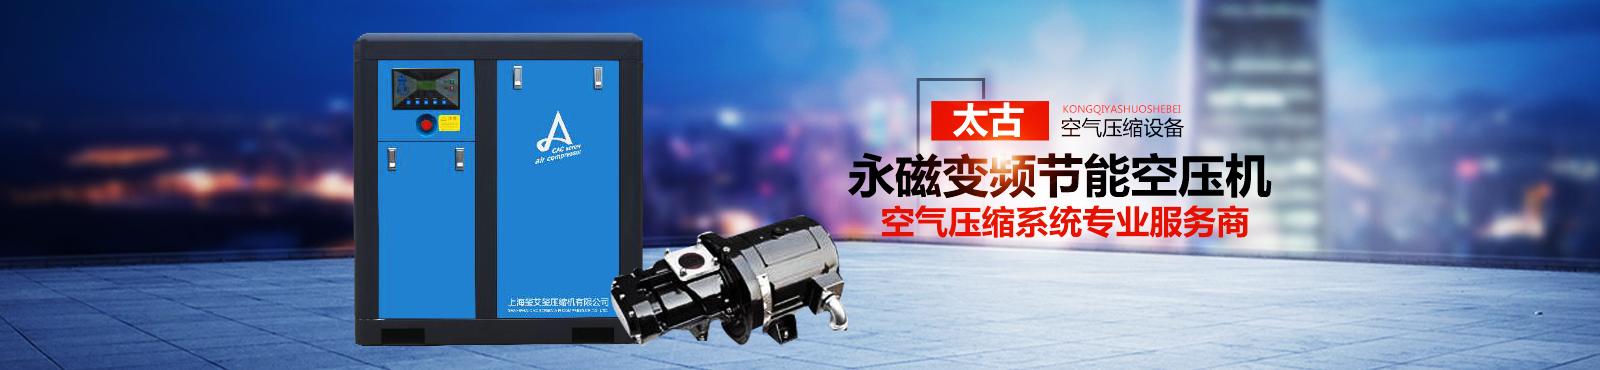 沈阳太古空气压缩设备有限公司